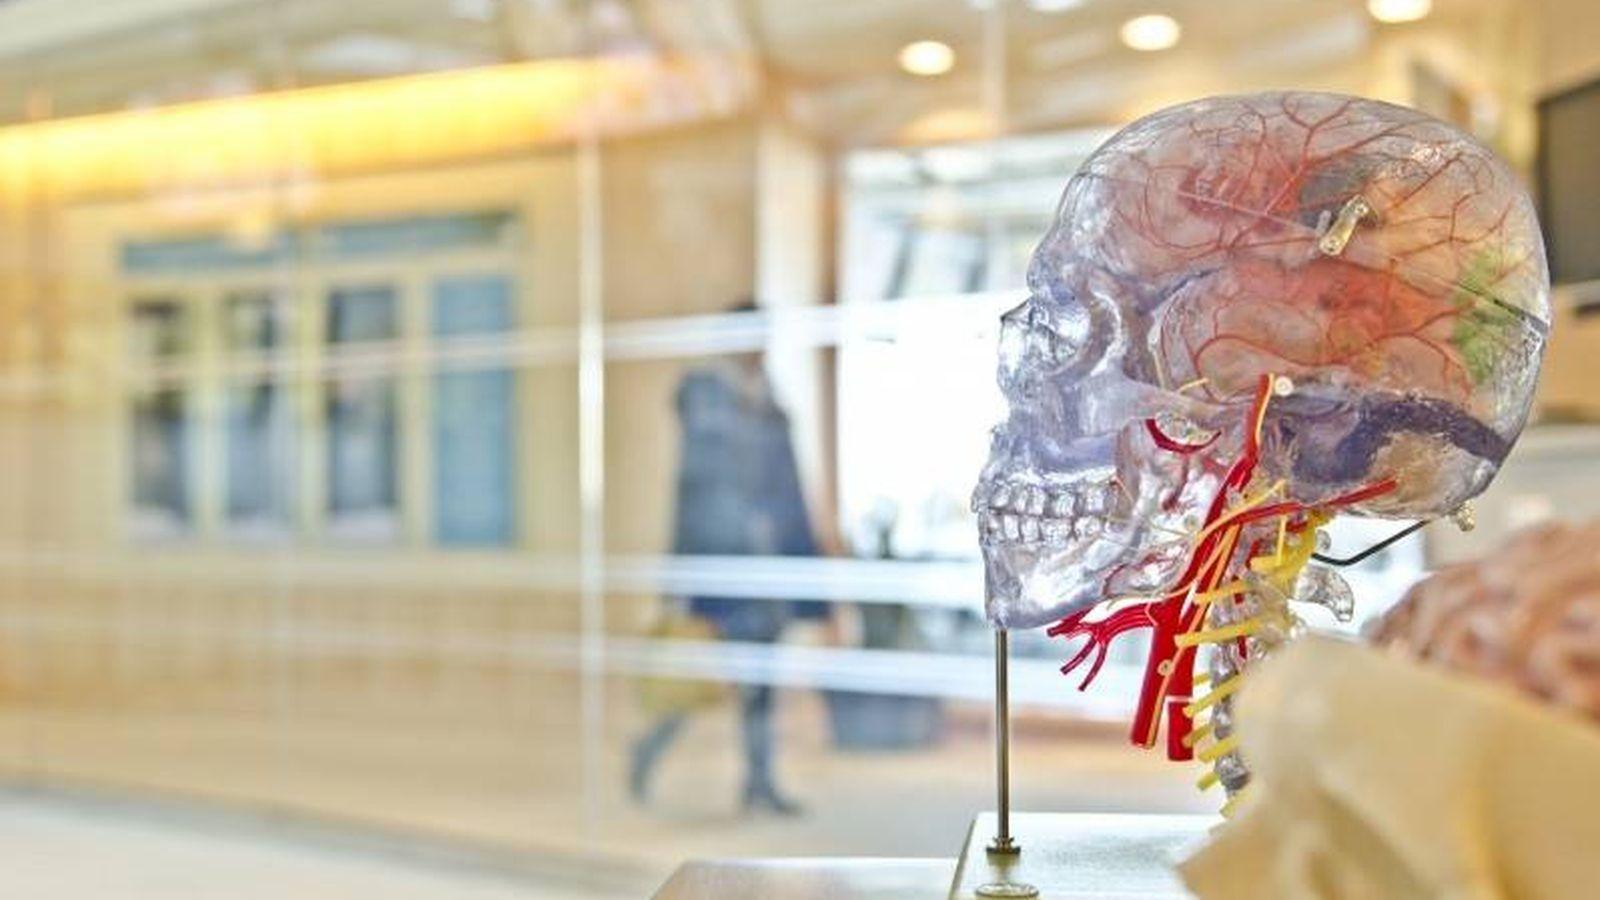 Foto: El cerebro está diseñado para adaptarse a los cambios externos (Fuente: Jesse Orrico| Unsplash.com)